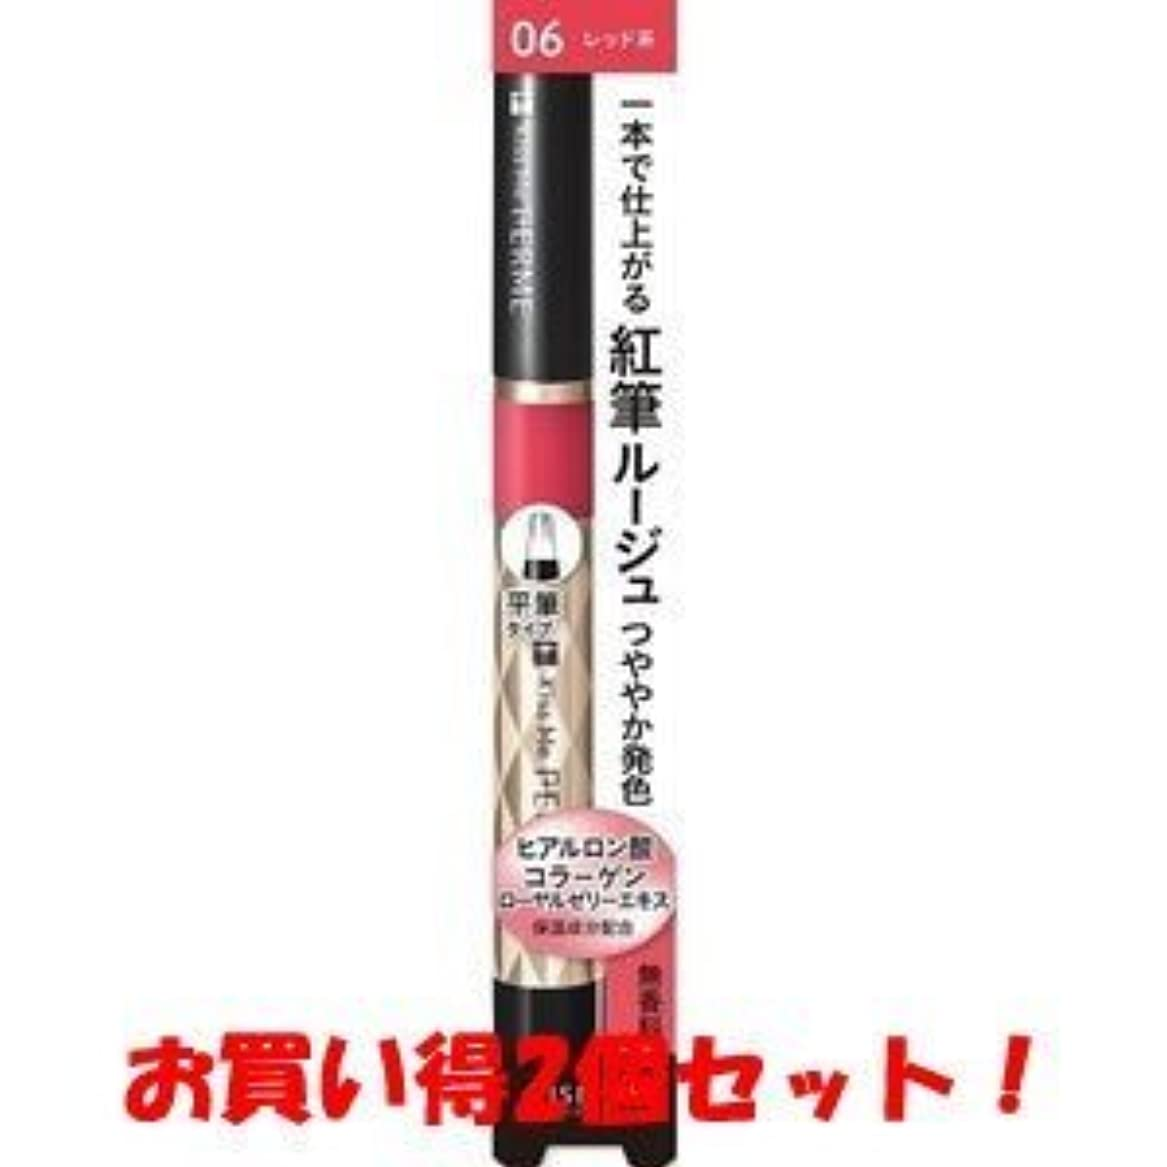 管理指紋型(伊勢半)キスミー フェルム 紅筆リキッドルージュ 06 明るいレッド 1.9g(お買い得2個セット)